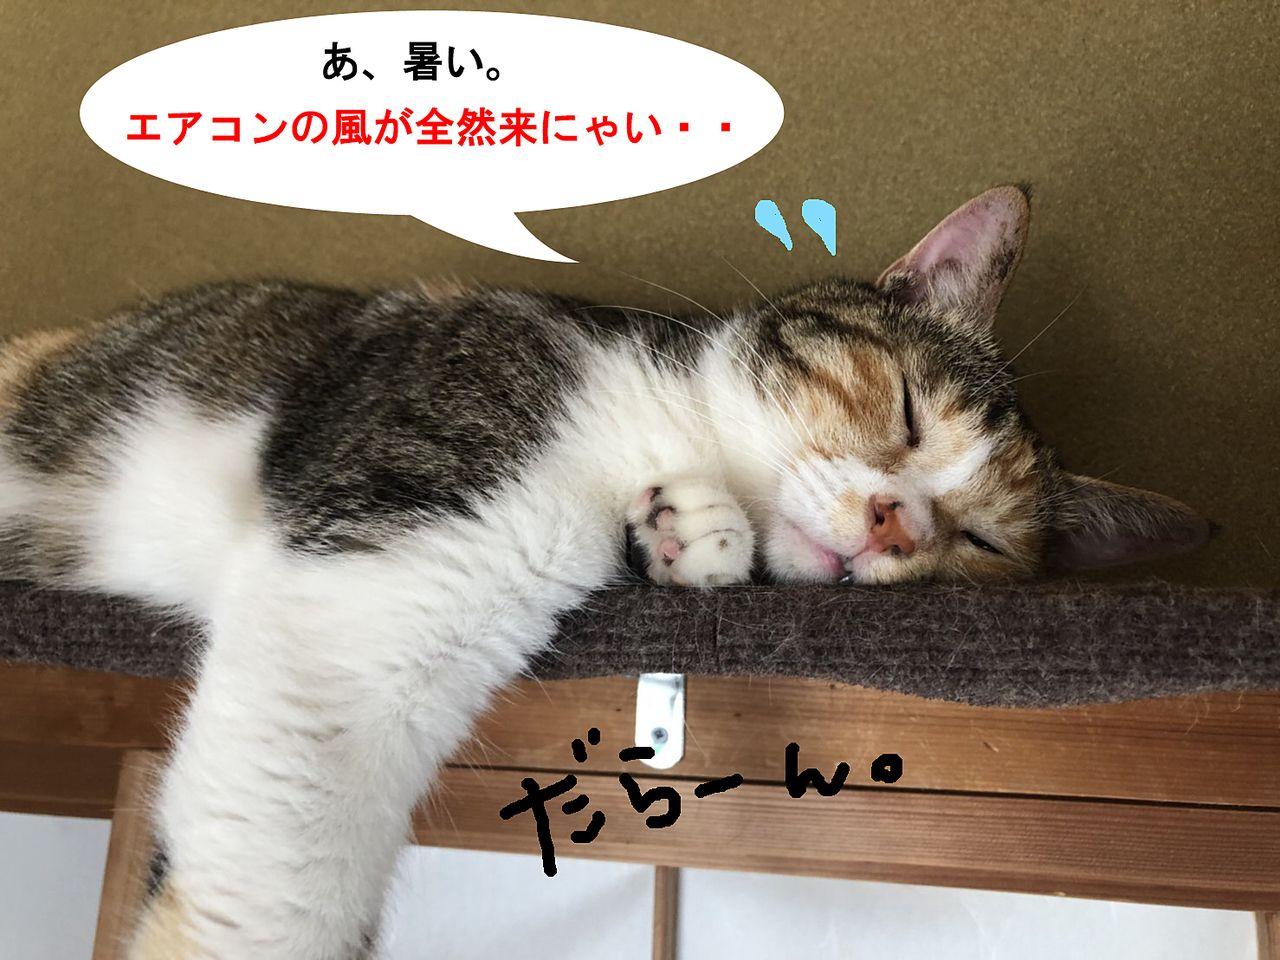 エアコンの風が来なくてヘトヘトの猫